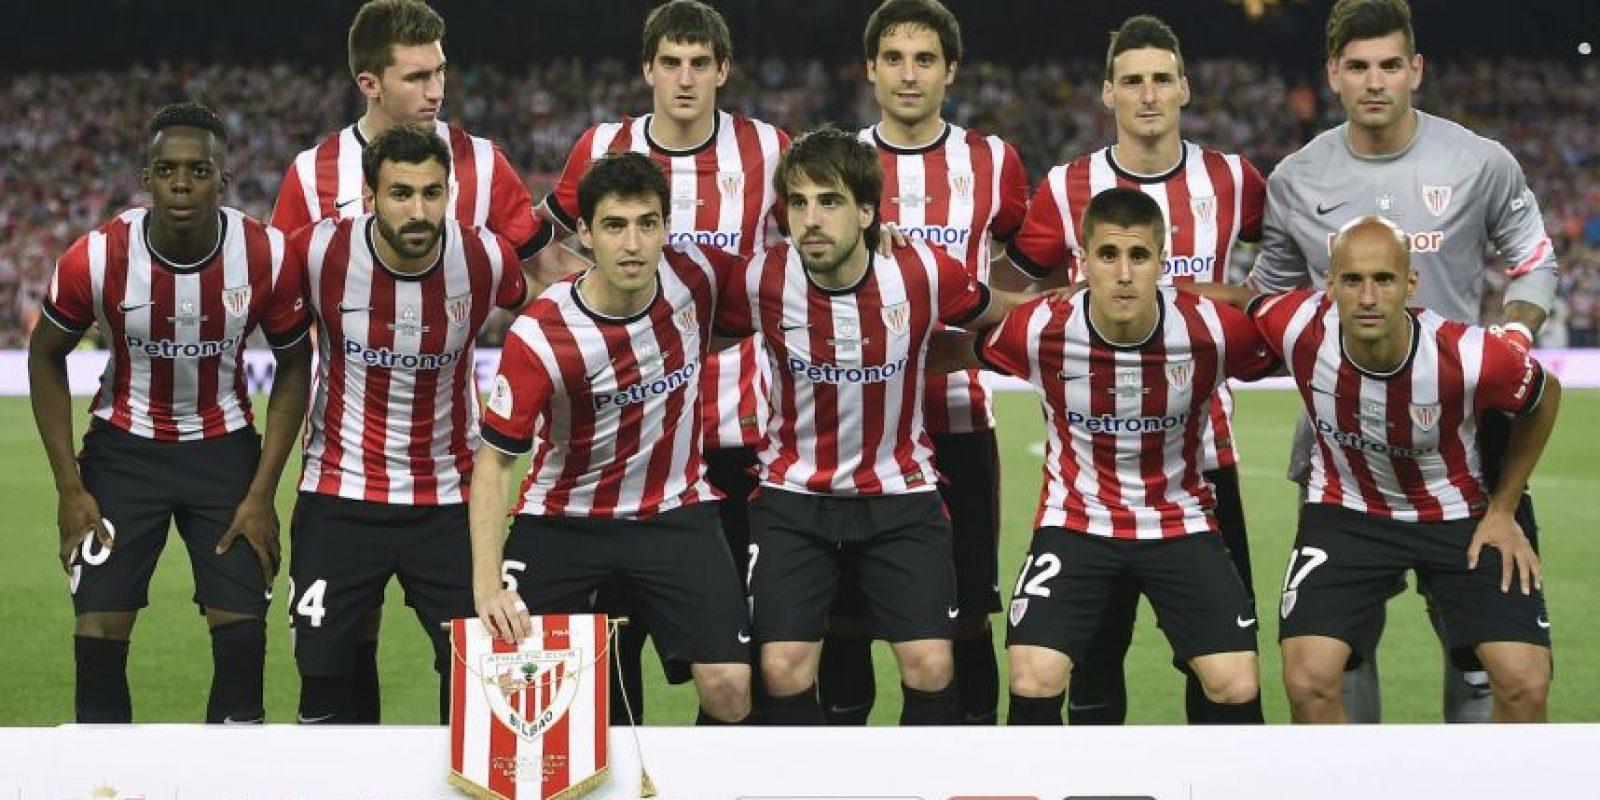 Ellos fueron los 11 titulares del Athletic de Bilbao. Foto:AFP